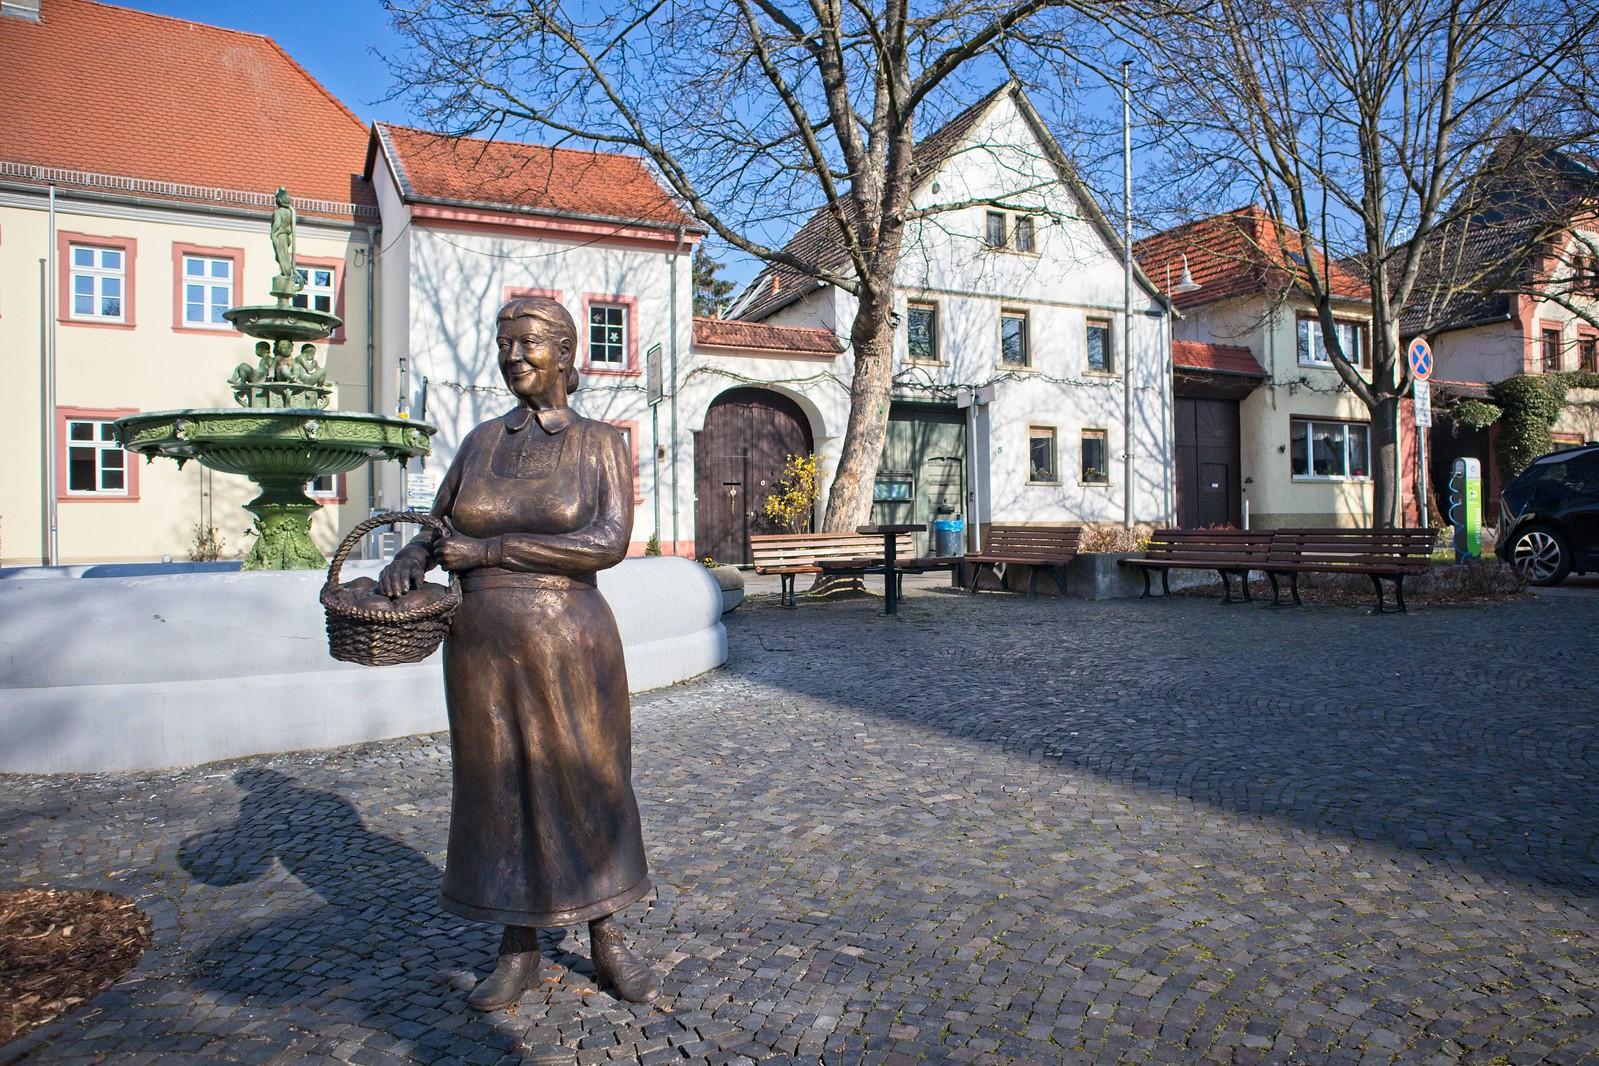 Schweigsame Marktfrau auf dem Marktplatz von Schwabenheim an der Selz (Canon EOS M50, EF-M 15-45mm f/3.5-6.3 IS STM, 15 mm, Manuell, 1/4000 sek @ f/4, ISO 250, EV -1)